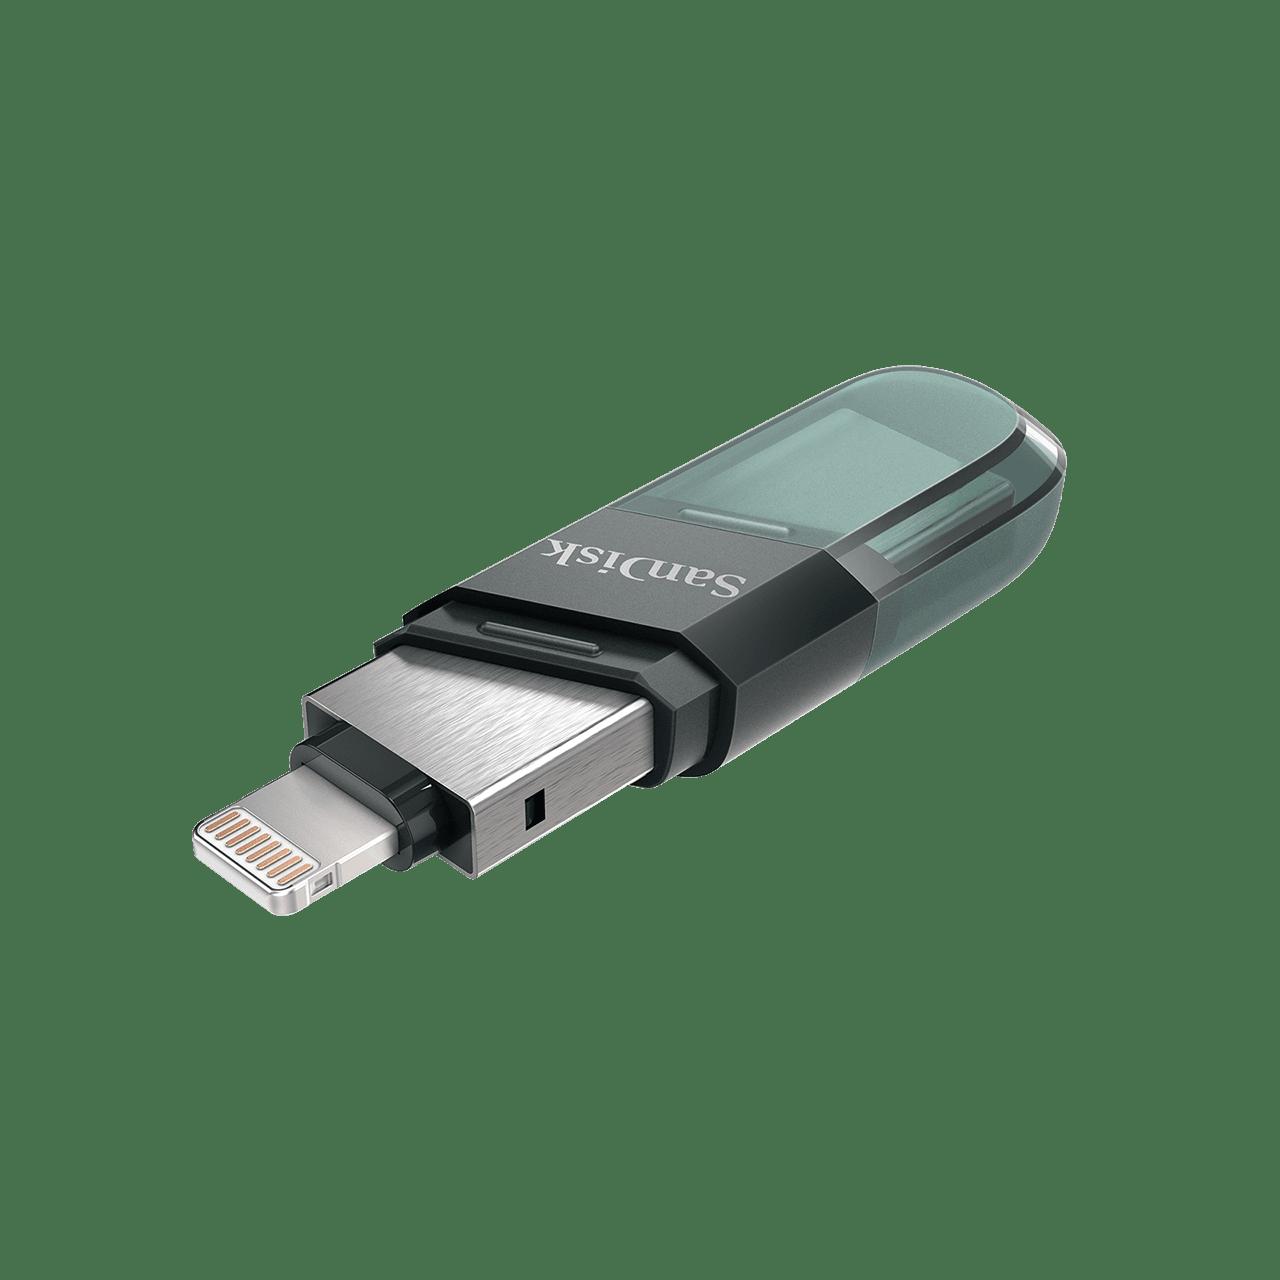 256GB SanDisk iXpand Flash Drive Flip minnessticka